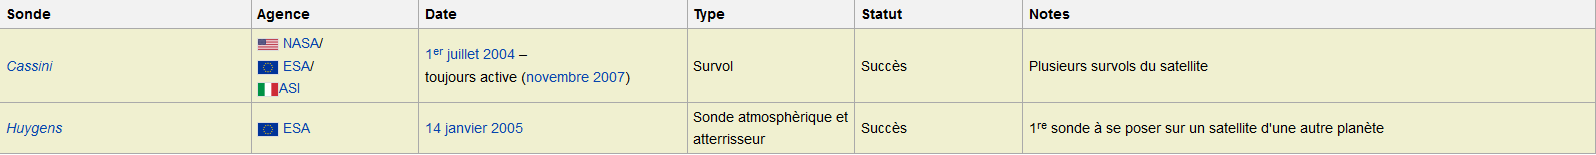 LISTE   DES   SONDES   SPATIALES   -   MEMO   -   ASTRONOMIE   -   HydroLAB Captur45